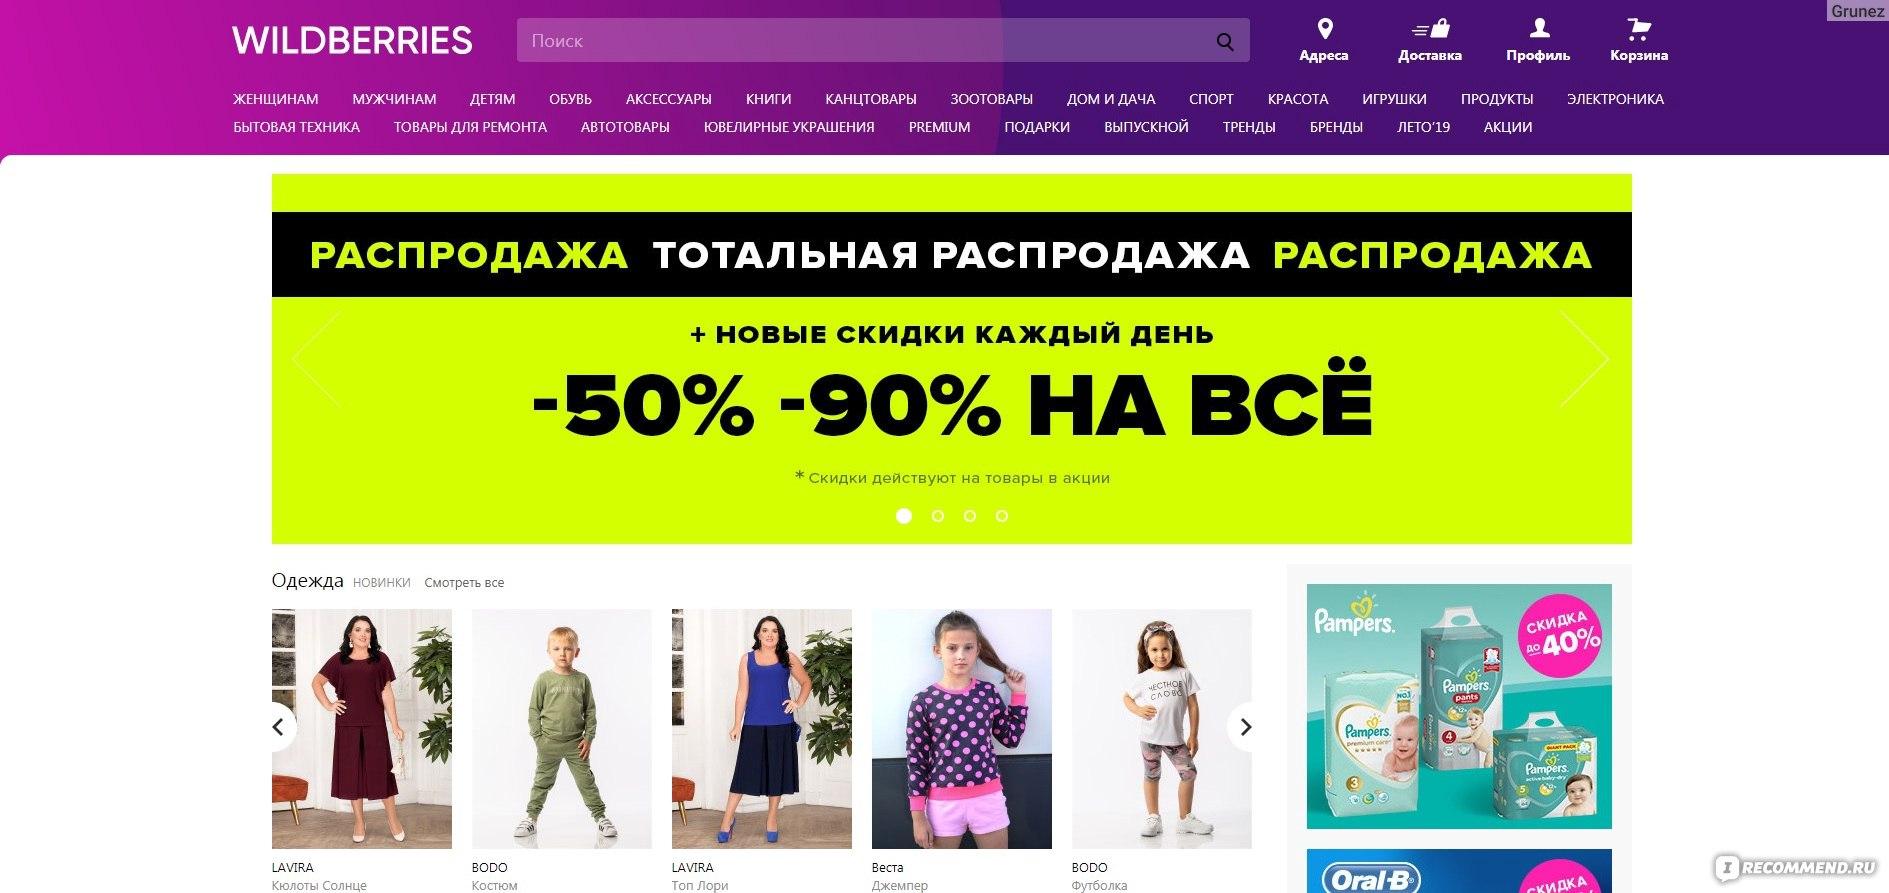 Валдберрисинтернет Магазин Распродажа Великий